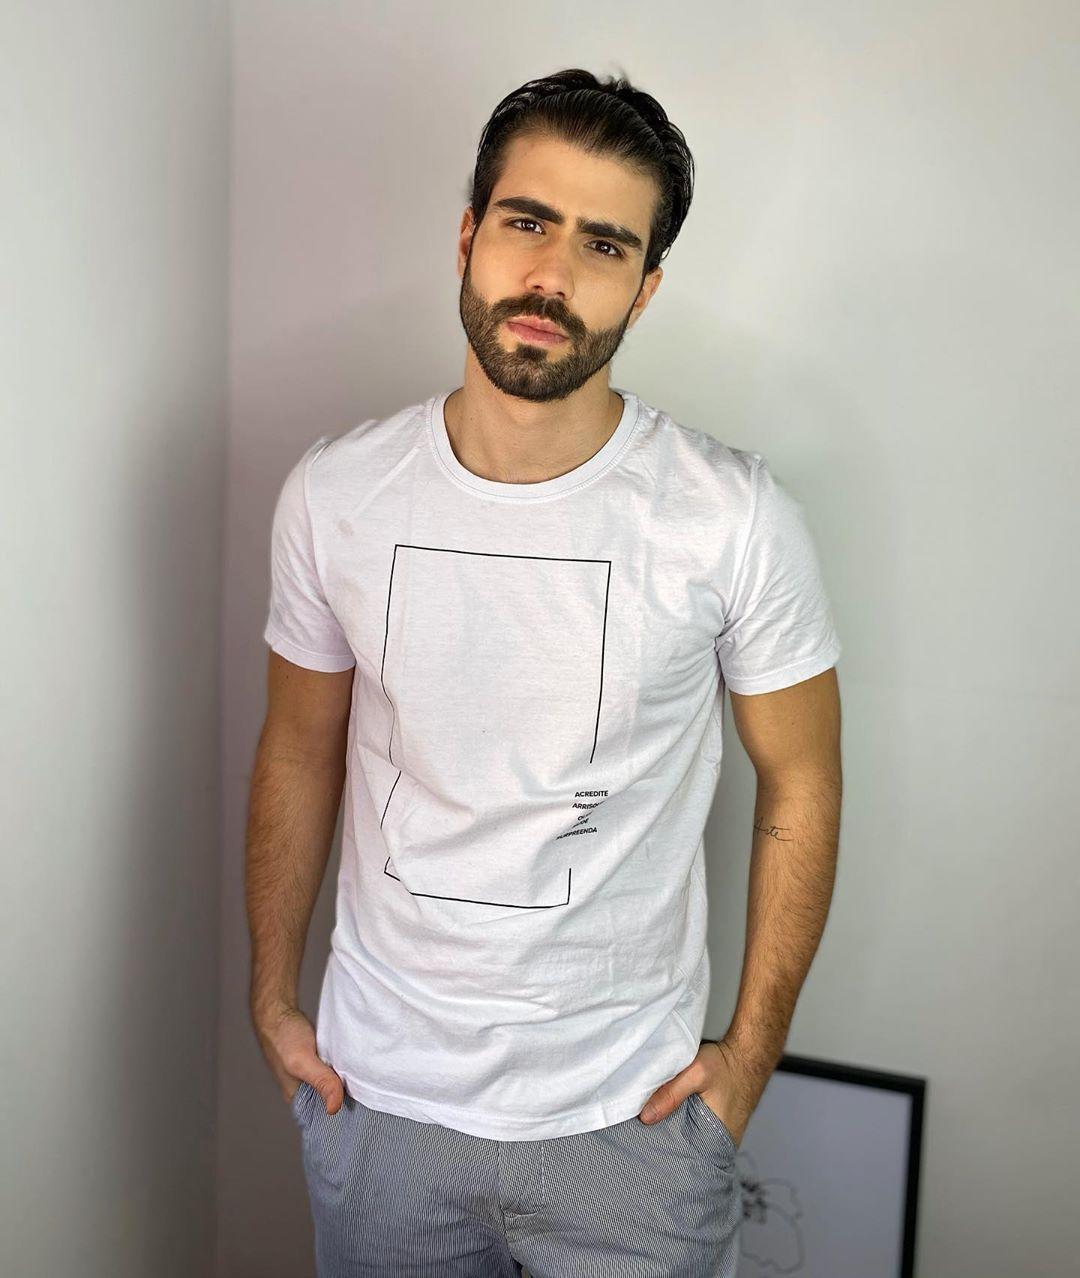 Filho De Libaneses Juliano Laham Lamenta Tragedia Em Beirute Entretenimento R7 Famosos E Tv